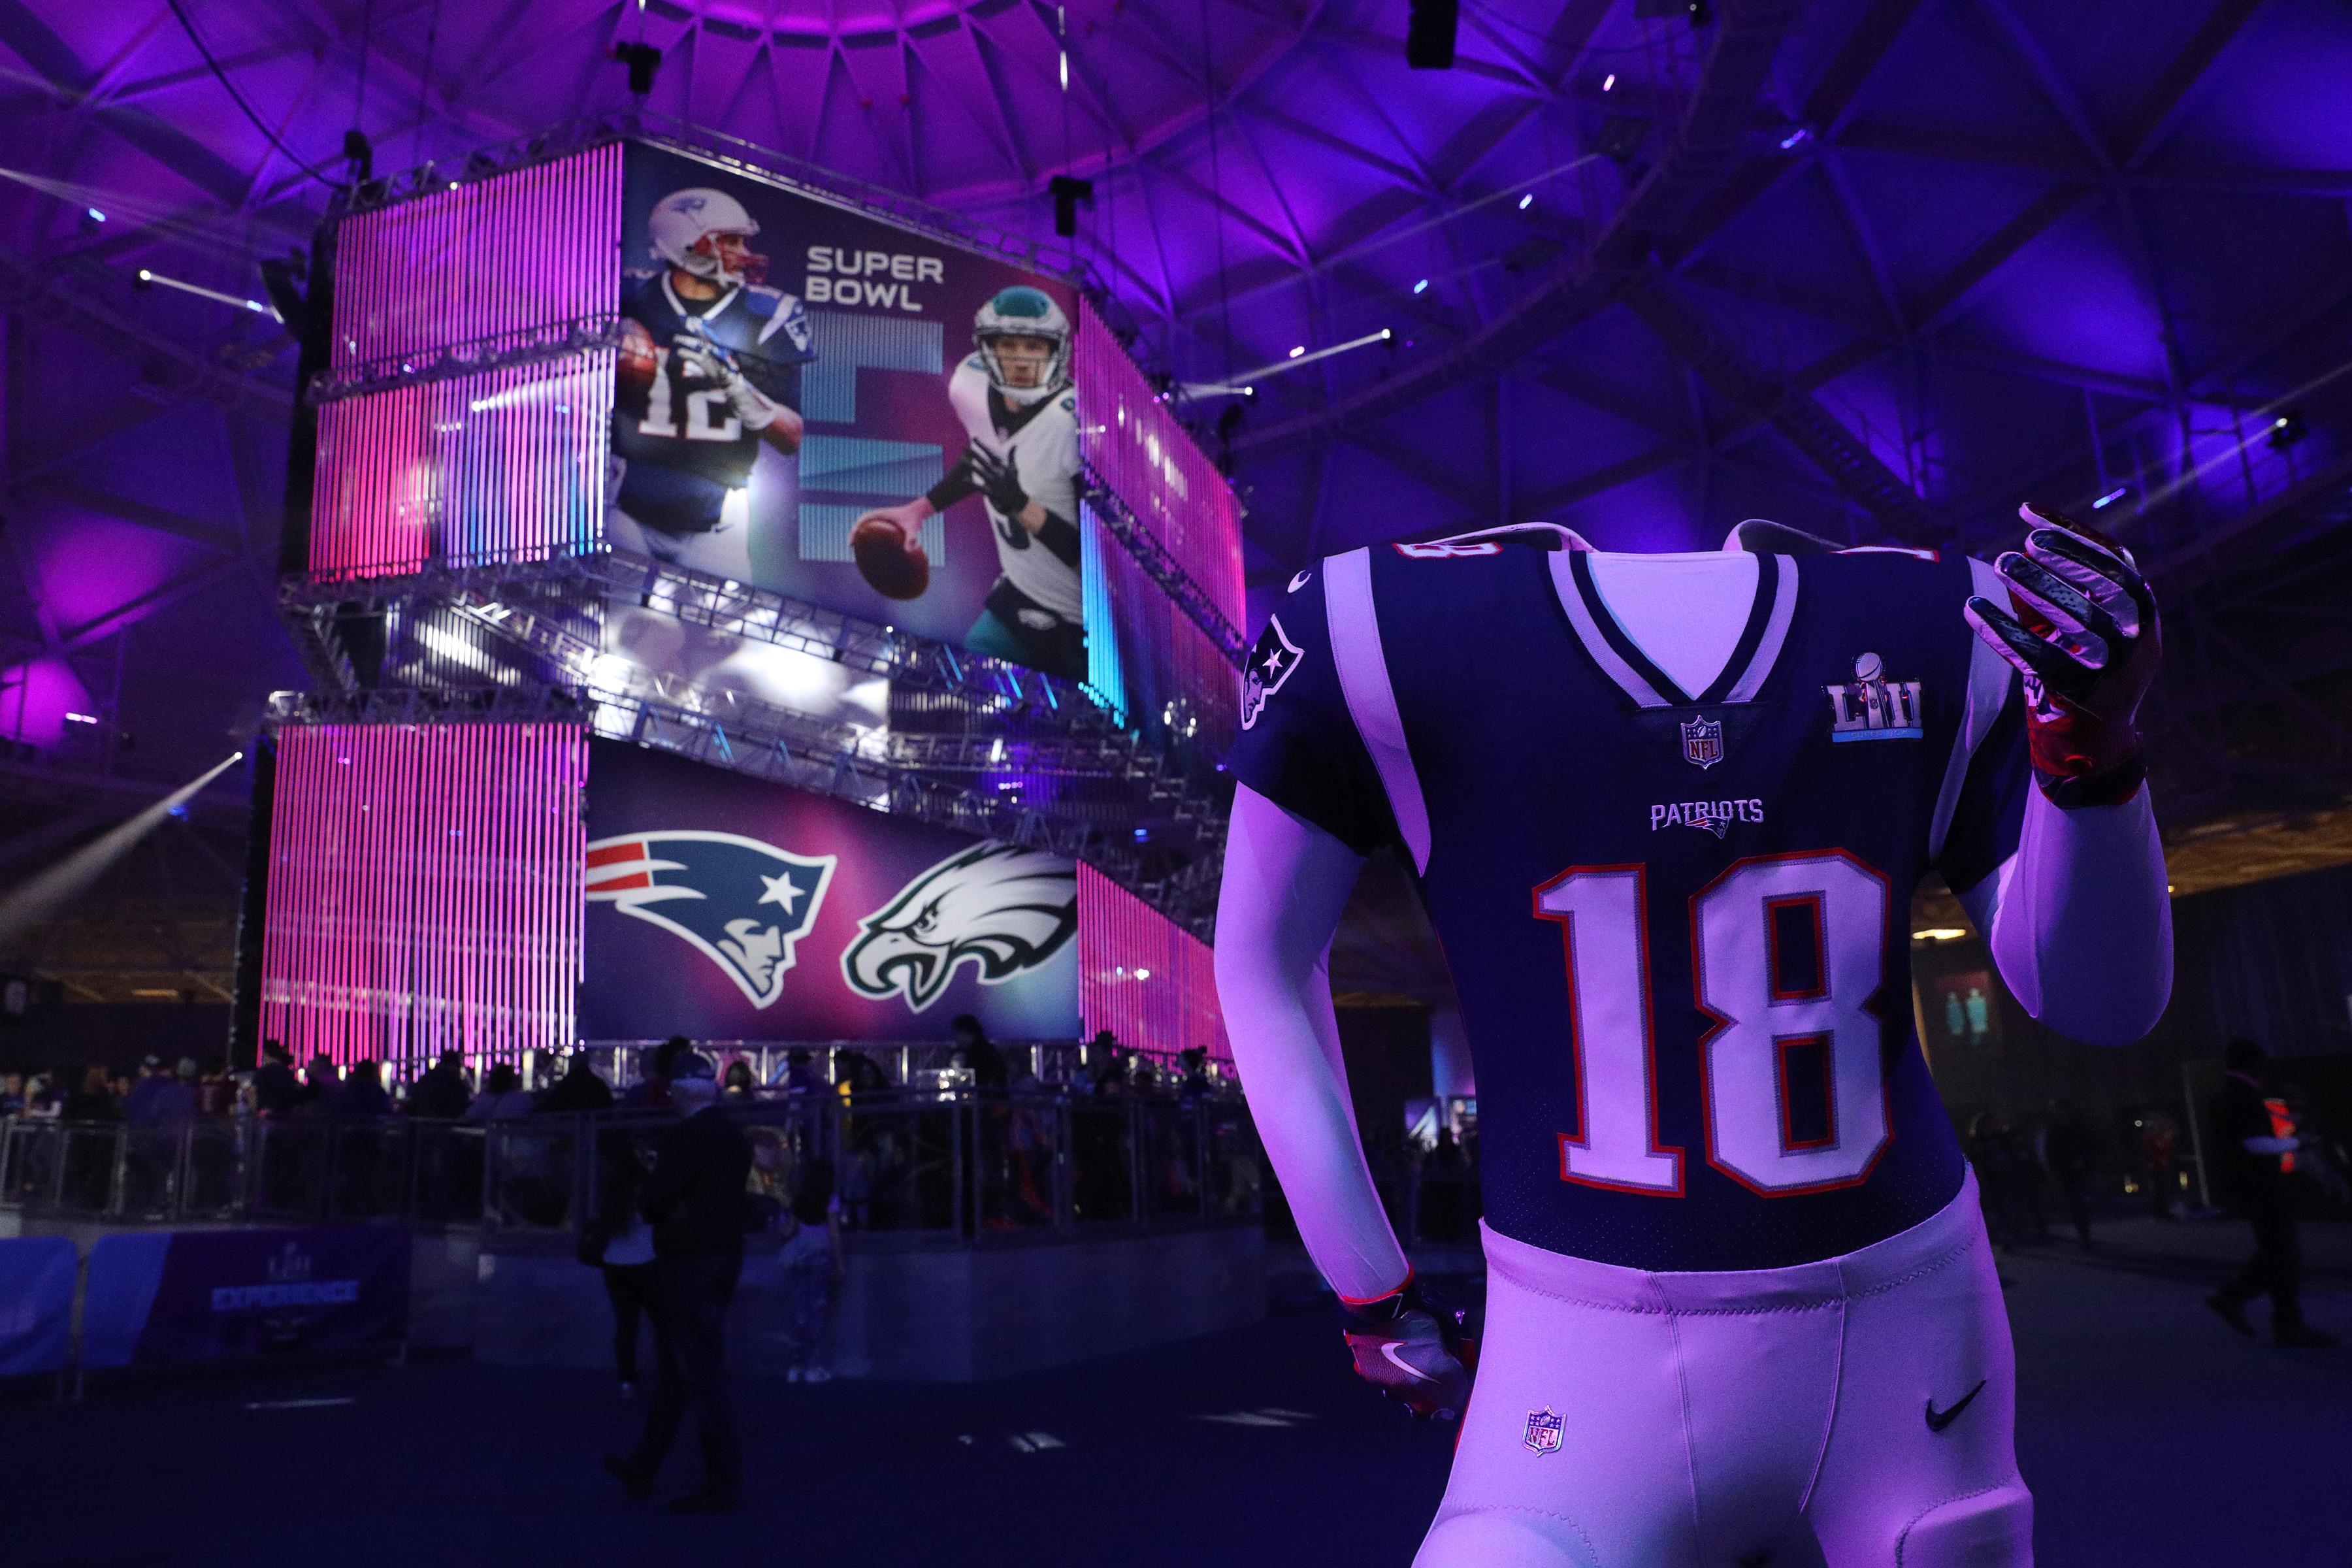 Apuestas, insólitas, Super Bowl LII, Eagles, Philadelphia, Patriots, New England, Tom Brady, himno nacional, espectáculo medio tiempo, Donald Trump